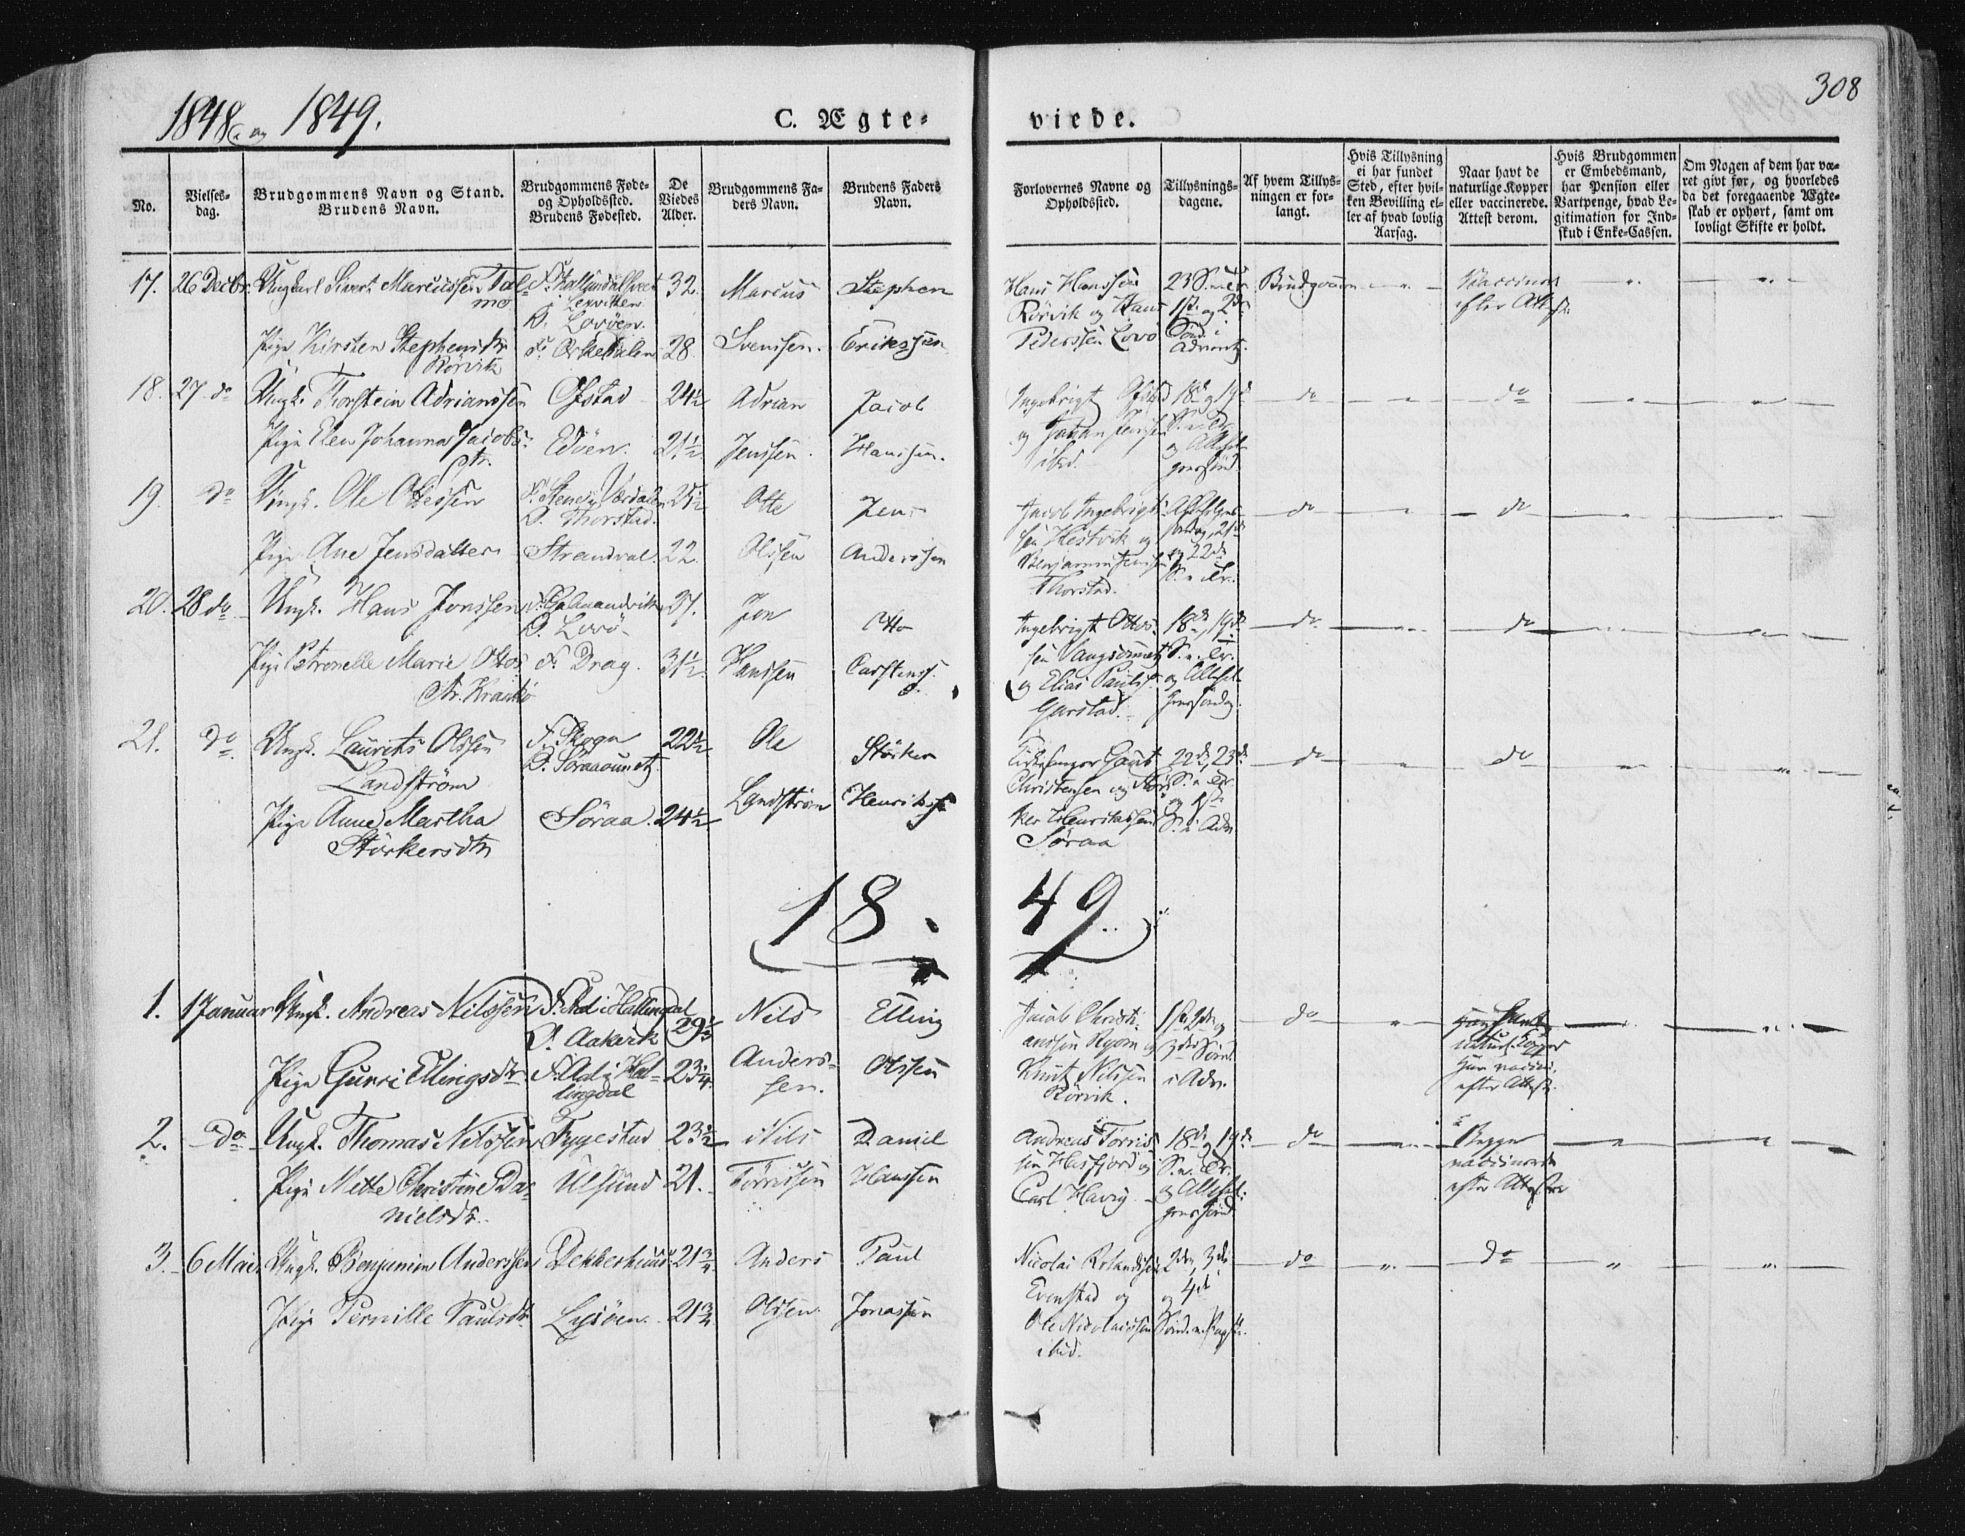 SAT, Ministerialprotokoller, klokkerbøker og fødselsregistre - Nord-Trøndelag, 784/L0669: Ministerialbok nr. 784A04, 1829-1859, s. 308